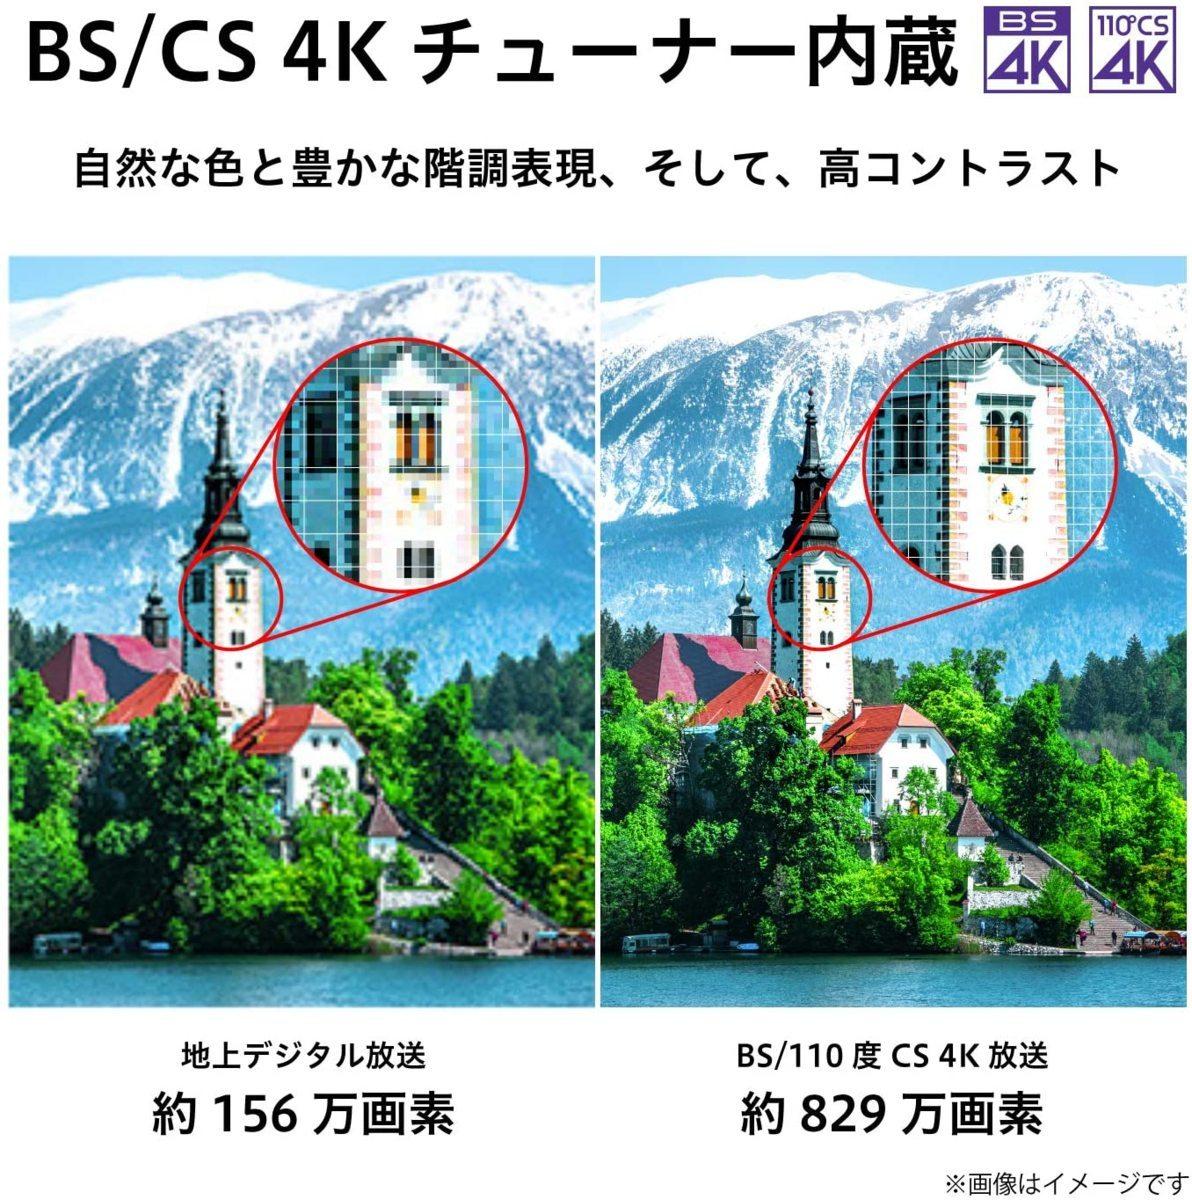 東芝 55V型BS・CS 4Kチューナー内蔵4k液晶テレビ 55M530X パワーオーディオシステム/ゲームモード/2画面分割 引取可 2021/8まで保証有_画像2